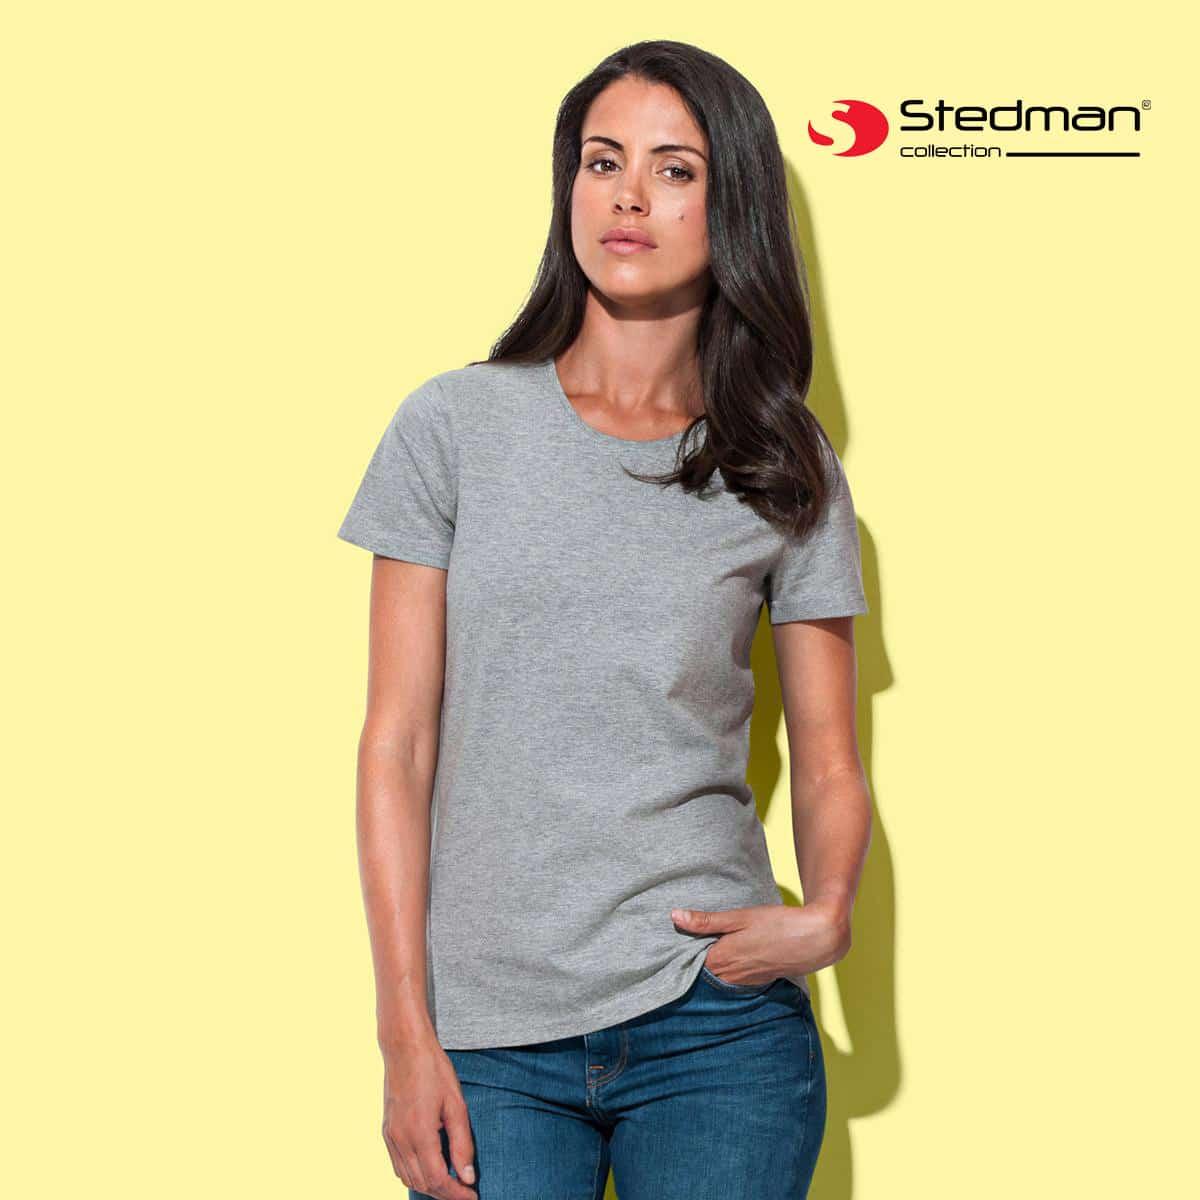 Ragazza che indossa tshirt manica corta grigio chiaro